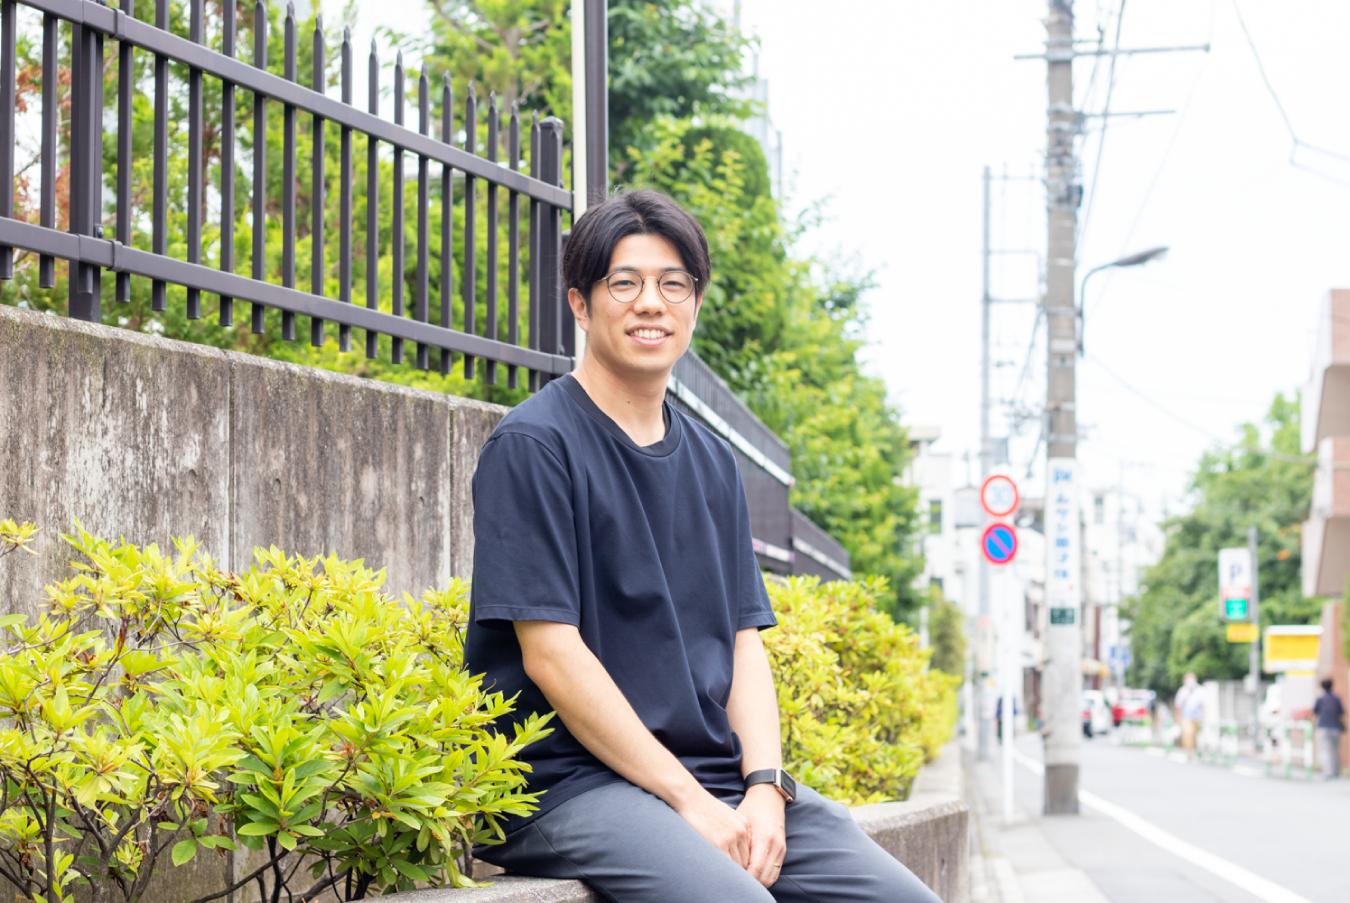 若者の貧困問題は「かわいそう」より「楽しい」で解決したい。サンカクシャ・荒井佑介さんが描く未来